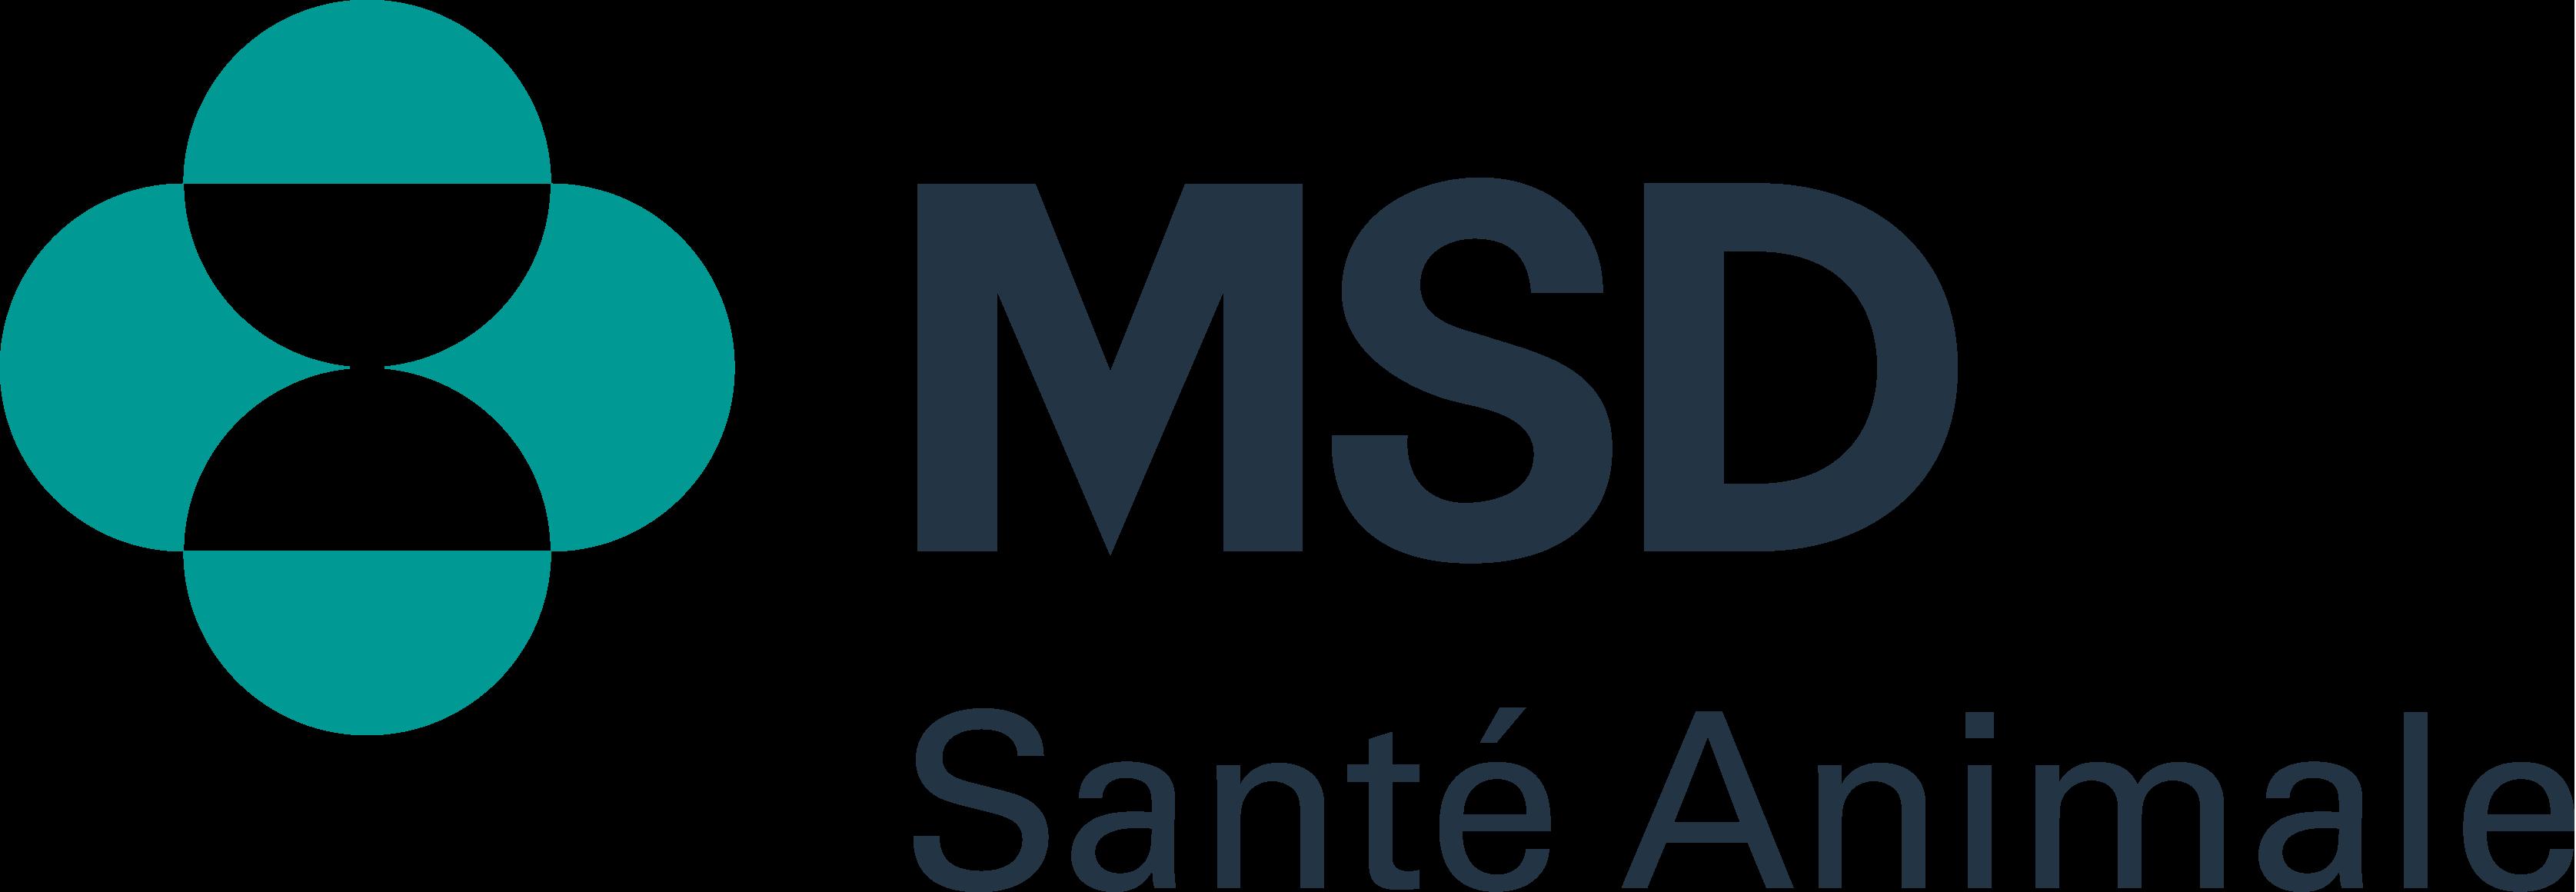 MSD Santé Animale